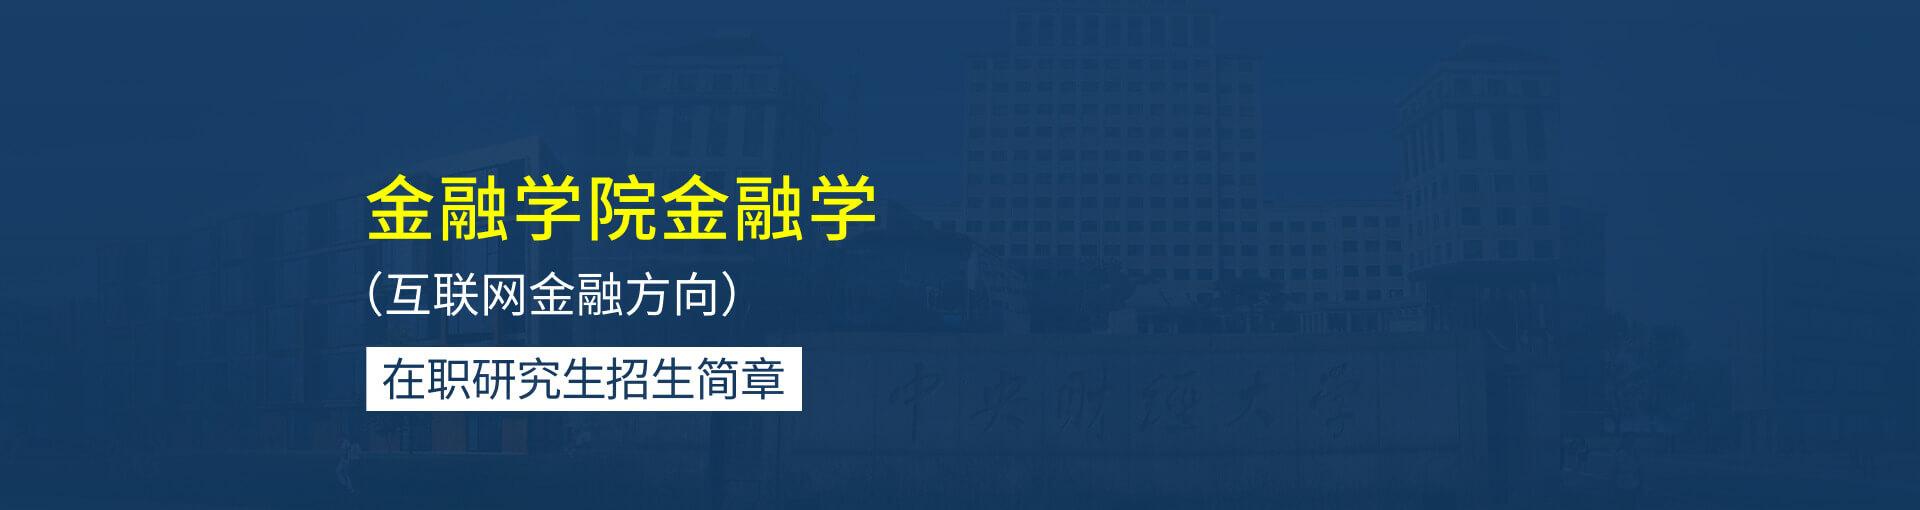 中央财经大学金融学院金融学(互联网金融方向)在职研究生招生简章